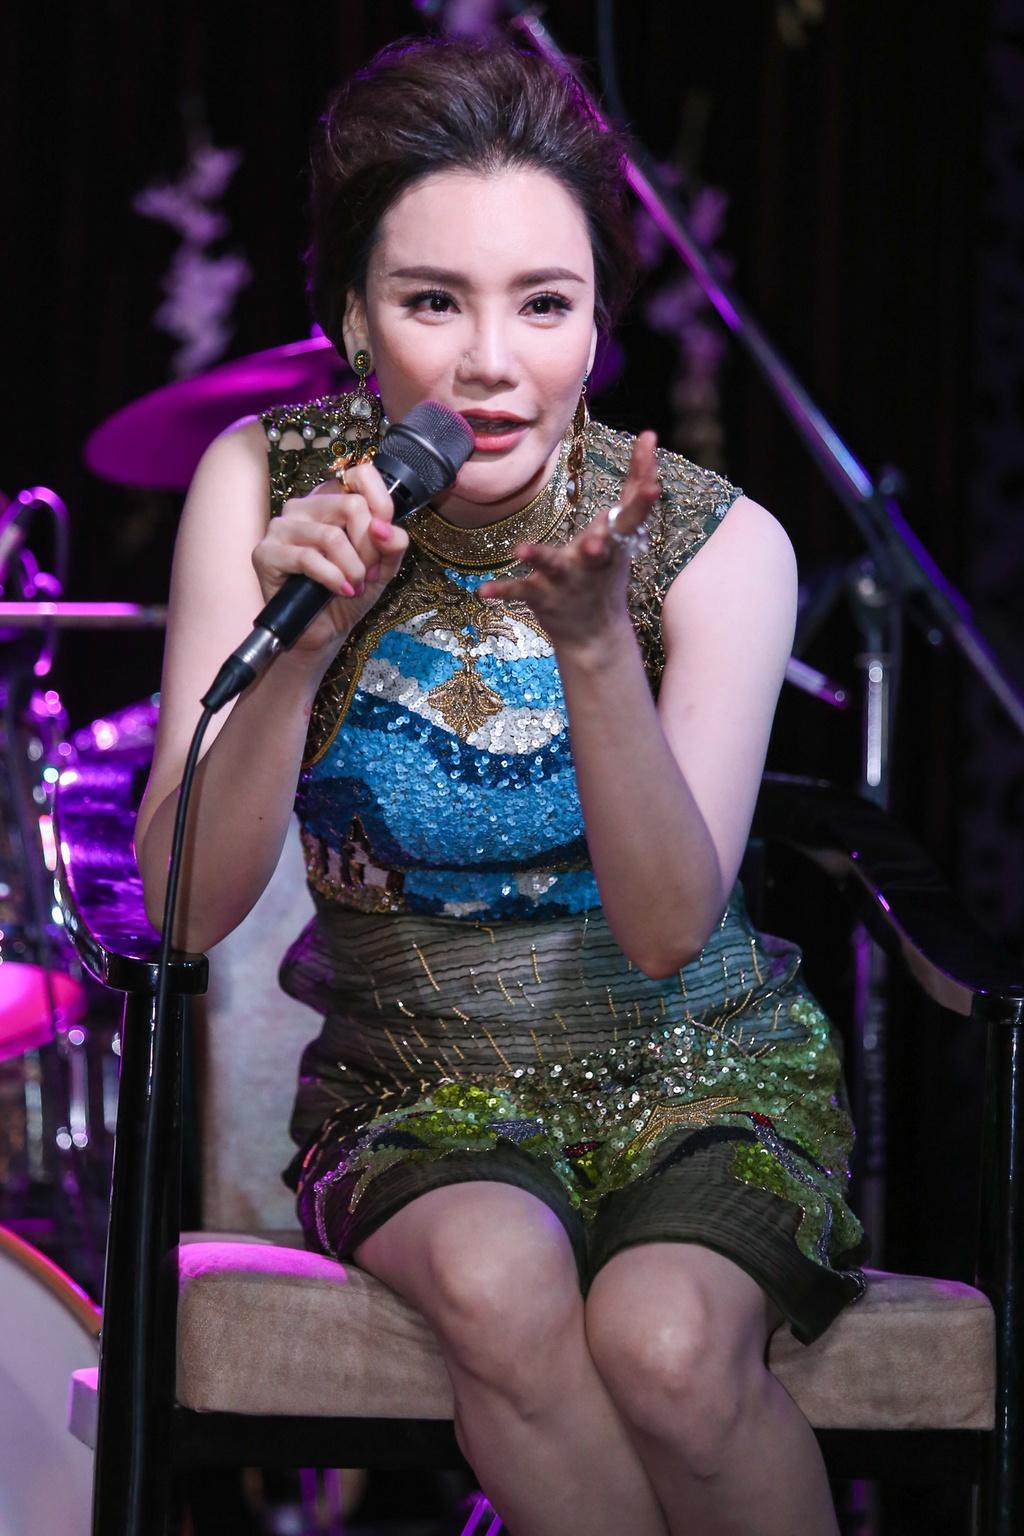 Ho Quynh Huong lo so bi loi thoi sau 5 nam vang bong hinh anh 5